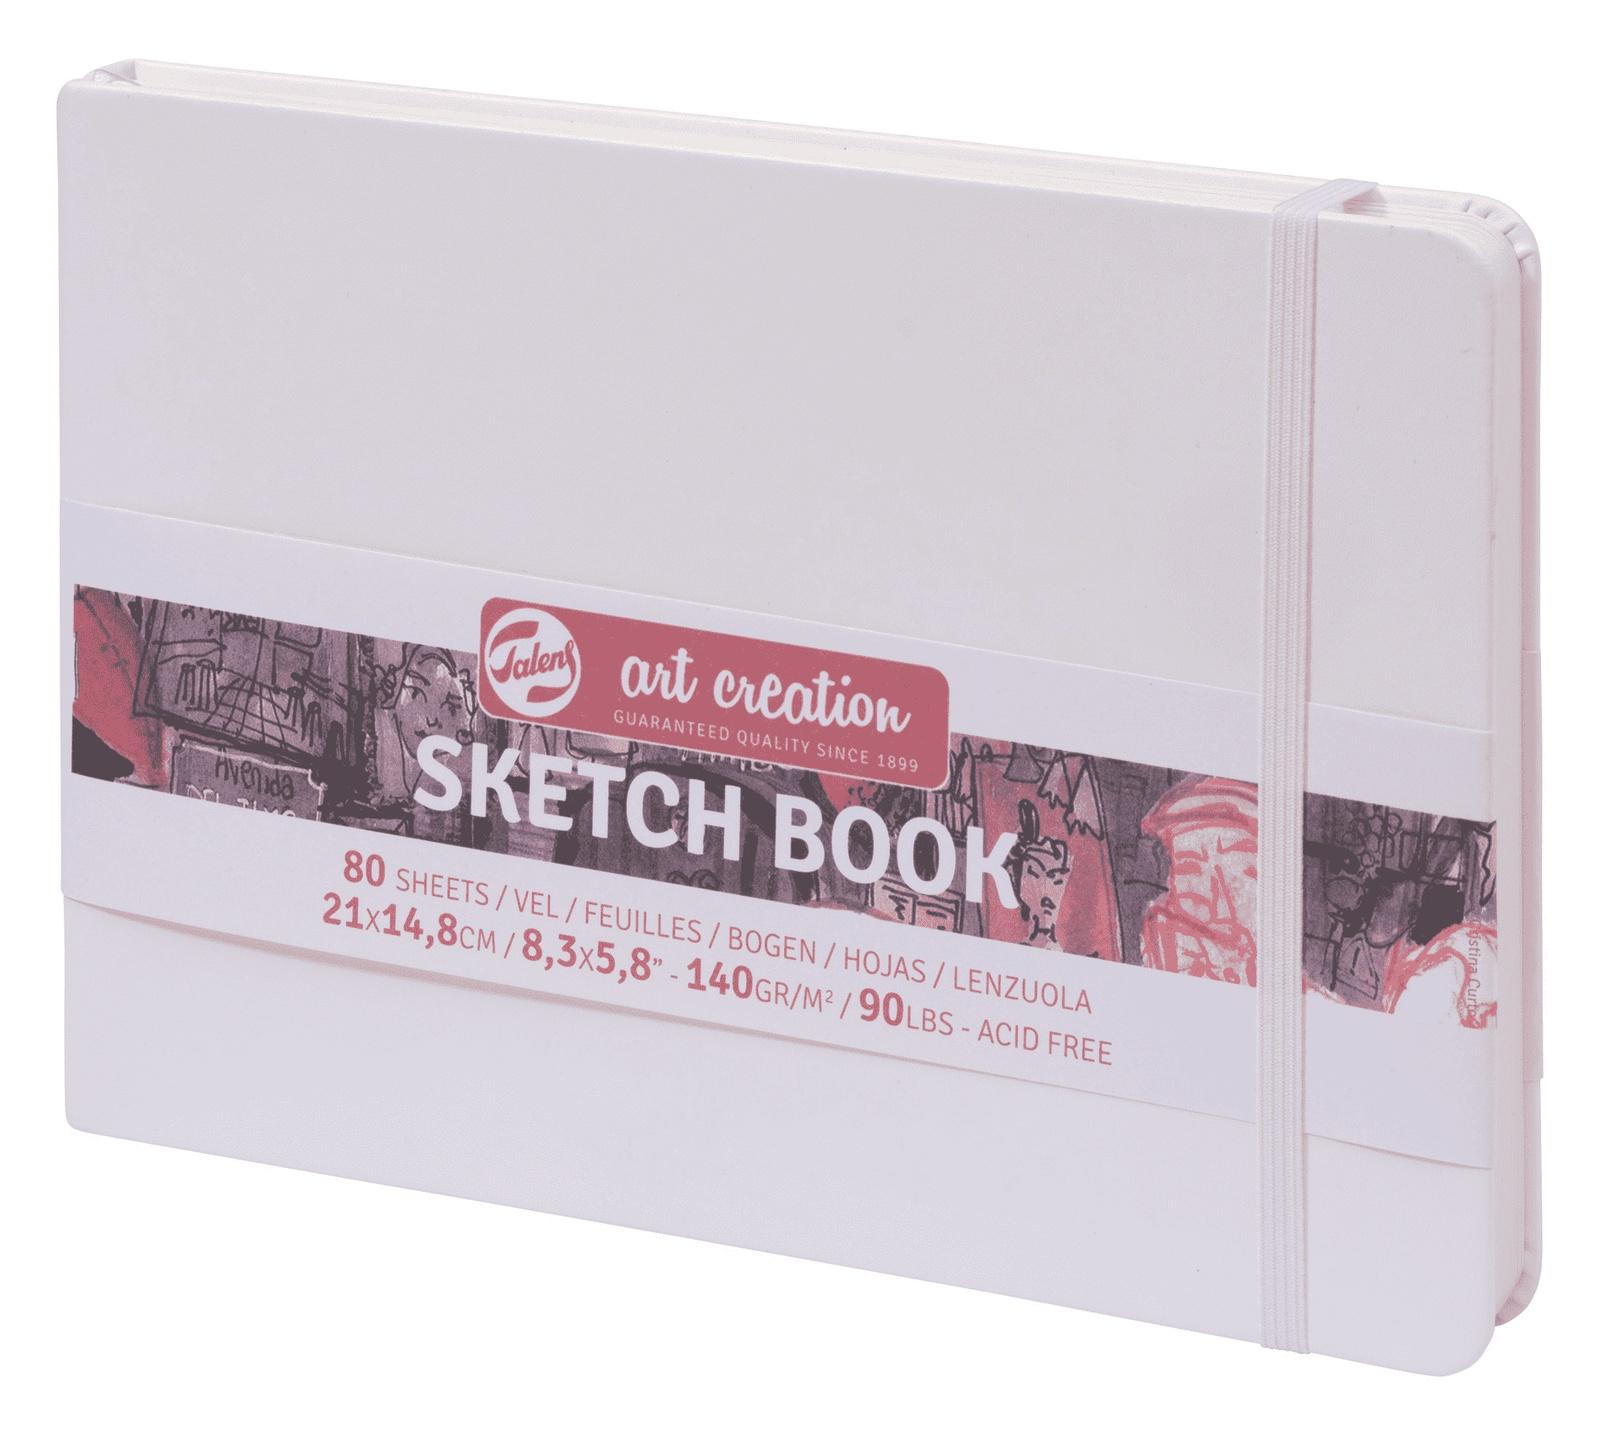 Royal Talens Блокнот для зарисовок Art Creation цвет белый 80 листов 9314105M цены онлайн